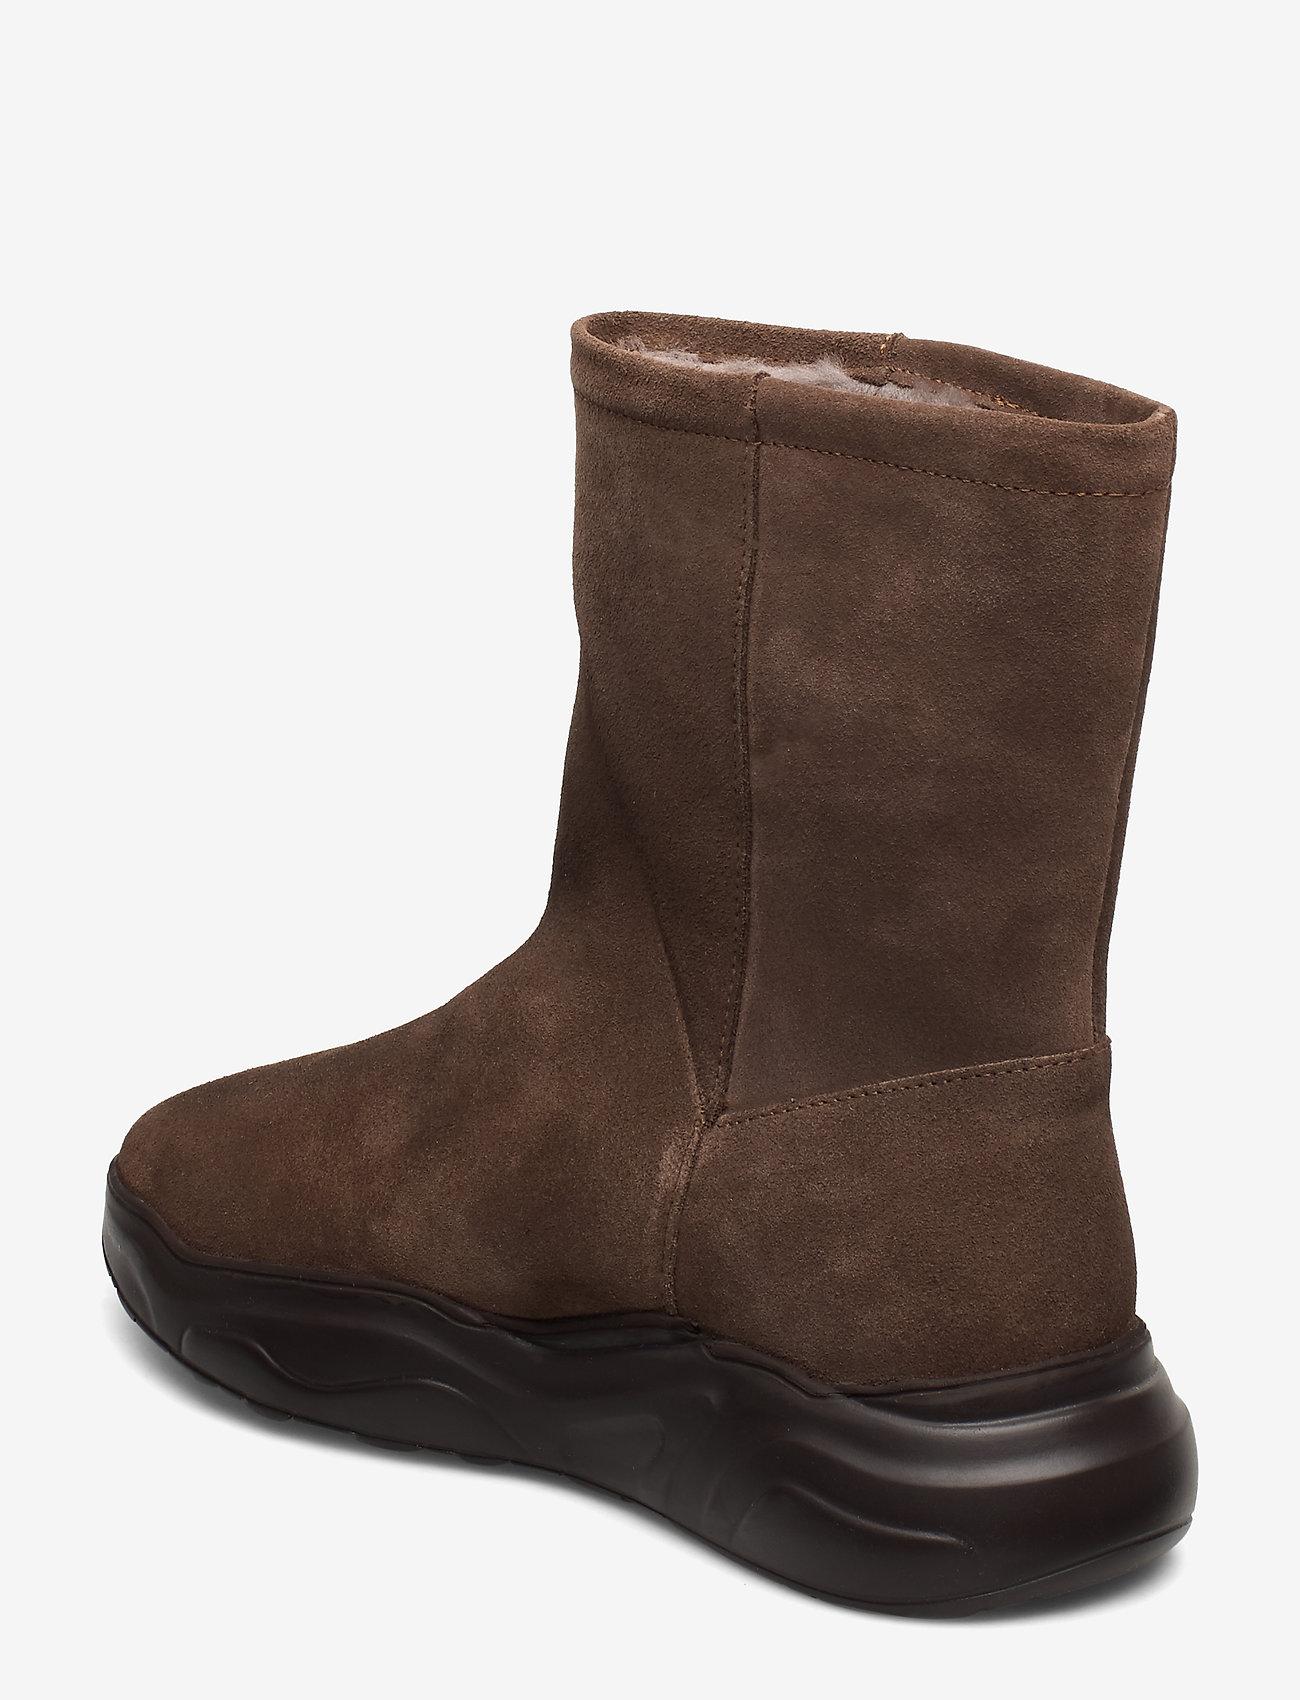 558g Boot Walnut Suede (Walnut) - Gram